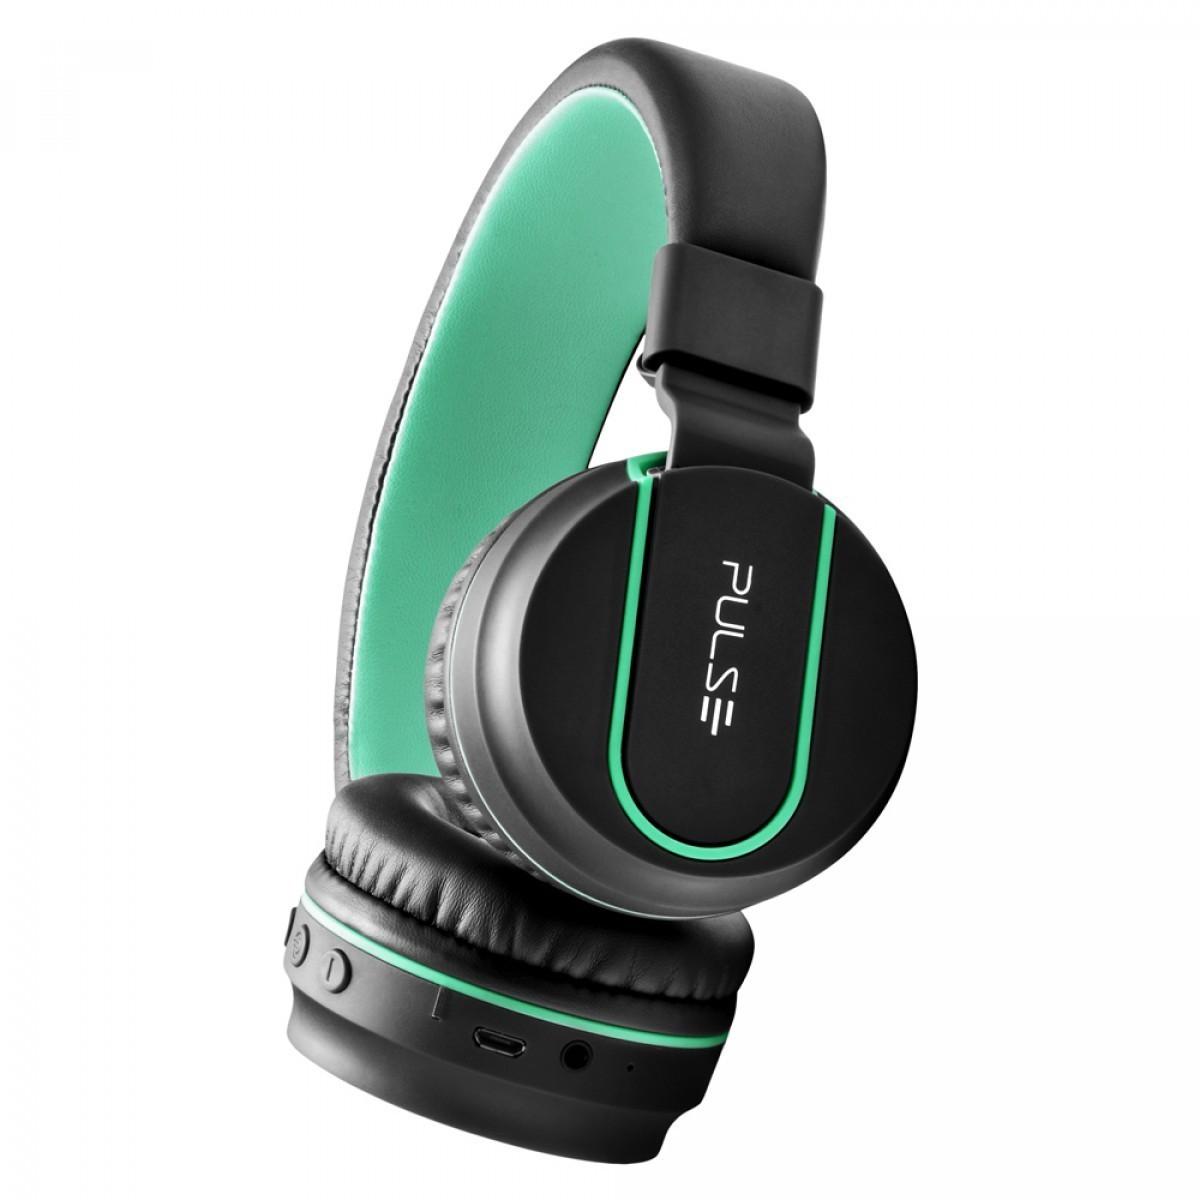 Fone De Ouvido Bluetooth Pulse Ph215 Preto  Verde